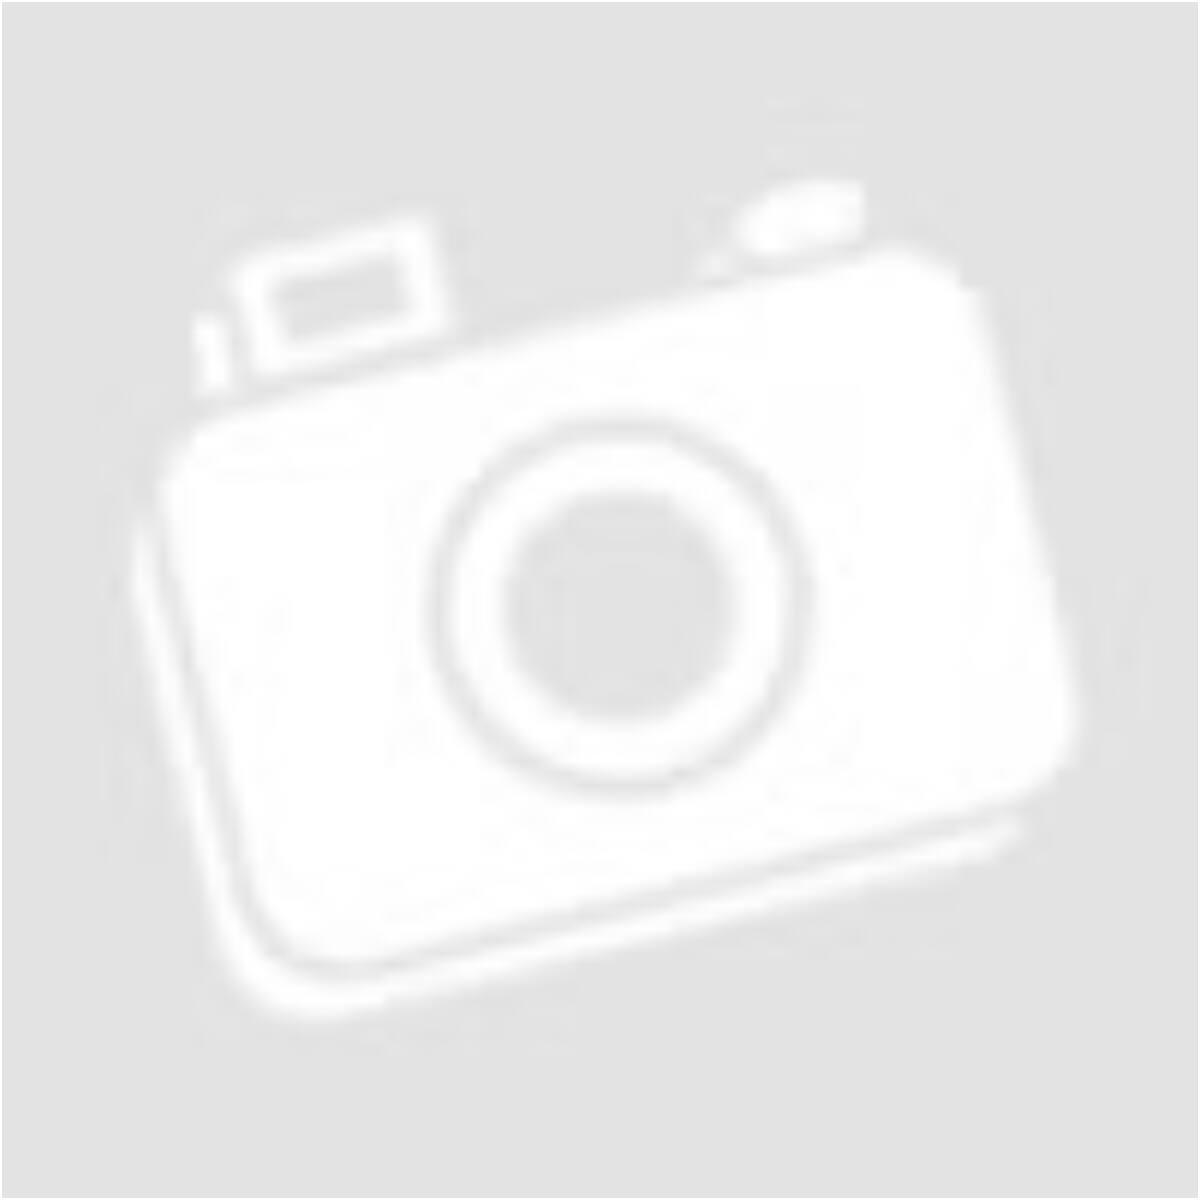 951b606527 H&M, ruha, fodros, virágos, sötétkék, ovisruha